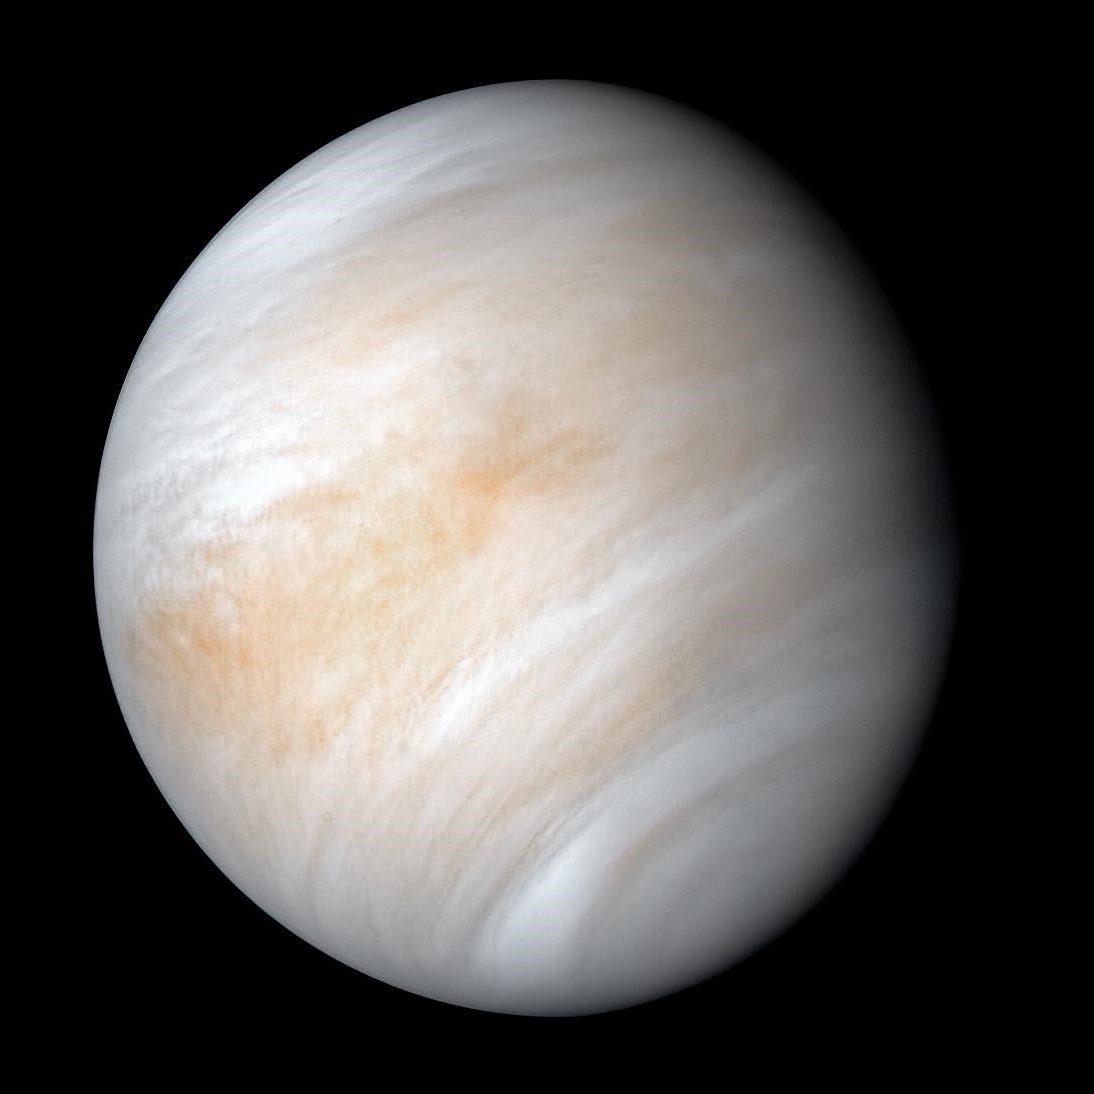 Las inhóspitas nubes de Venus son visibles en esta imagen recién procesada de la nave espacial Mariner 10. Crédito: NASA / JPL-Caltech.